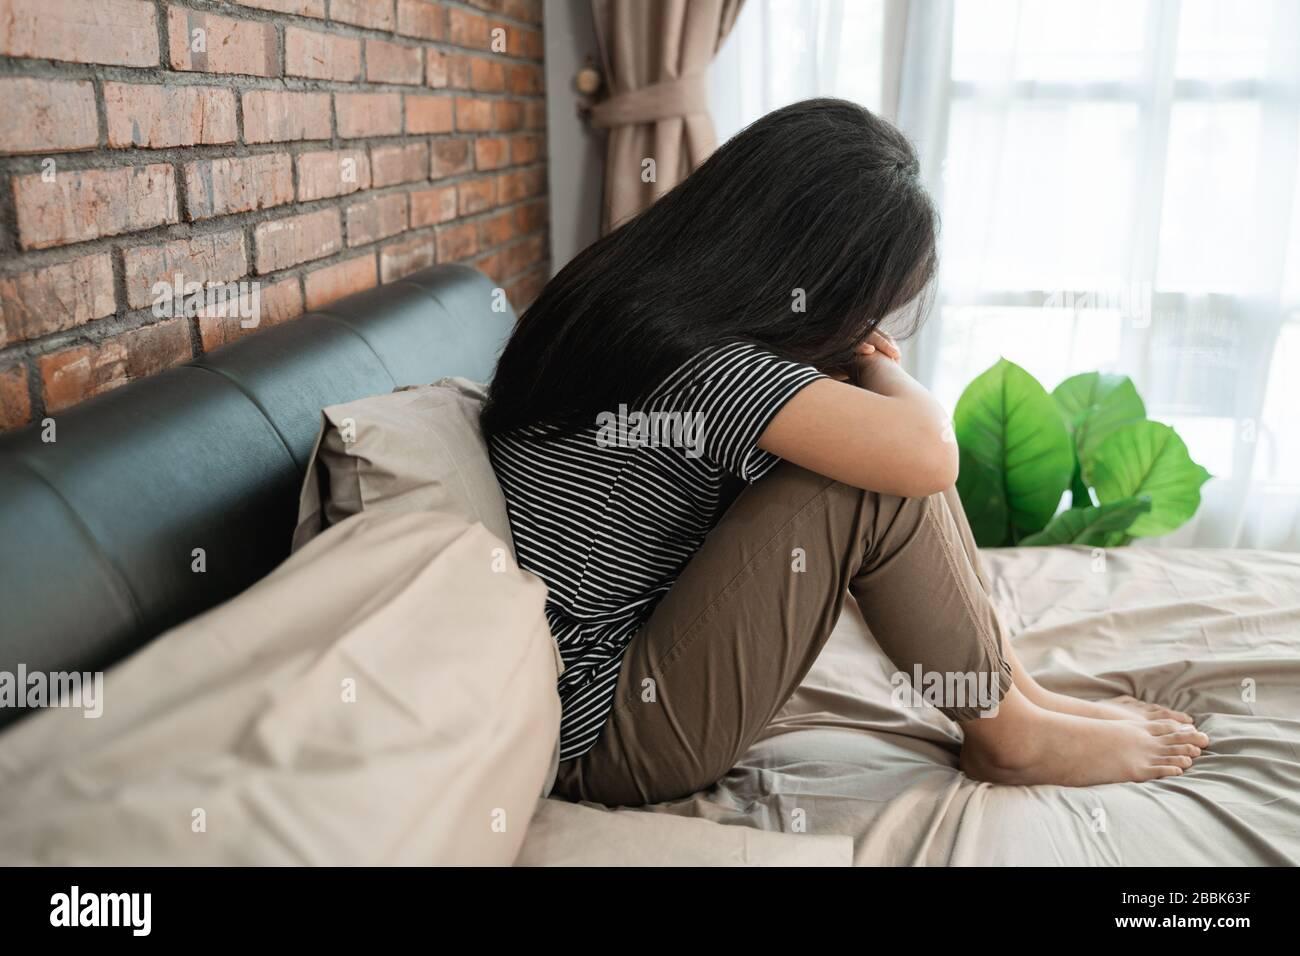 Peer-Druck. Depression bei Teenager-Mädchen-asiaten. Weiblicher Kinderstress beim Auflegen auf das Bett Stockfoto